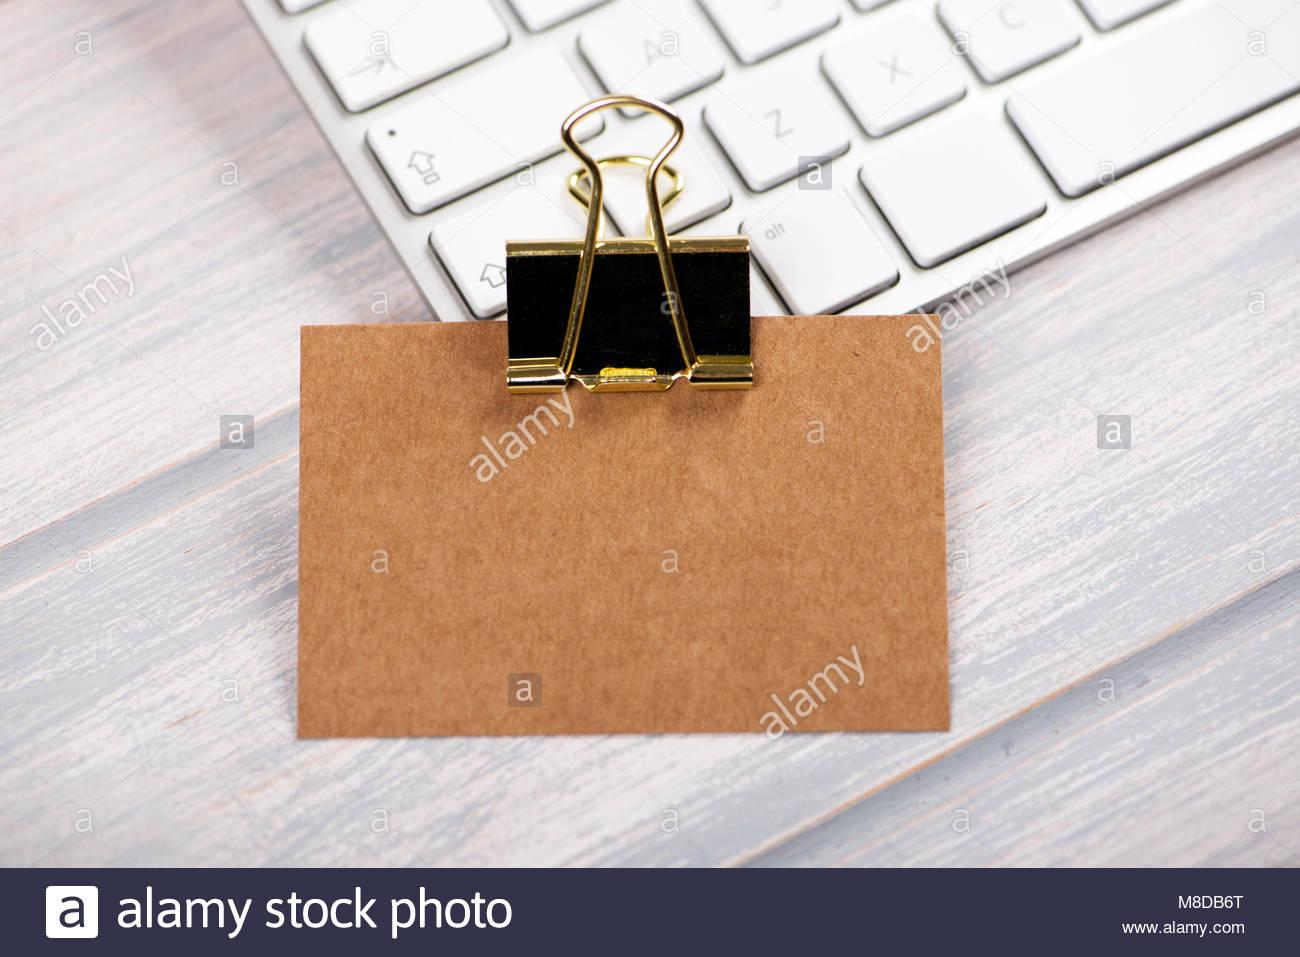 carte de visite en couleur brun doré avec le collier sur le clavier